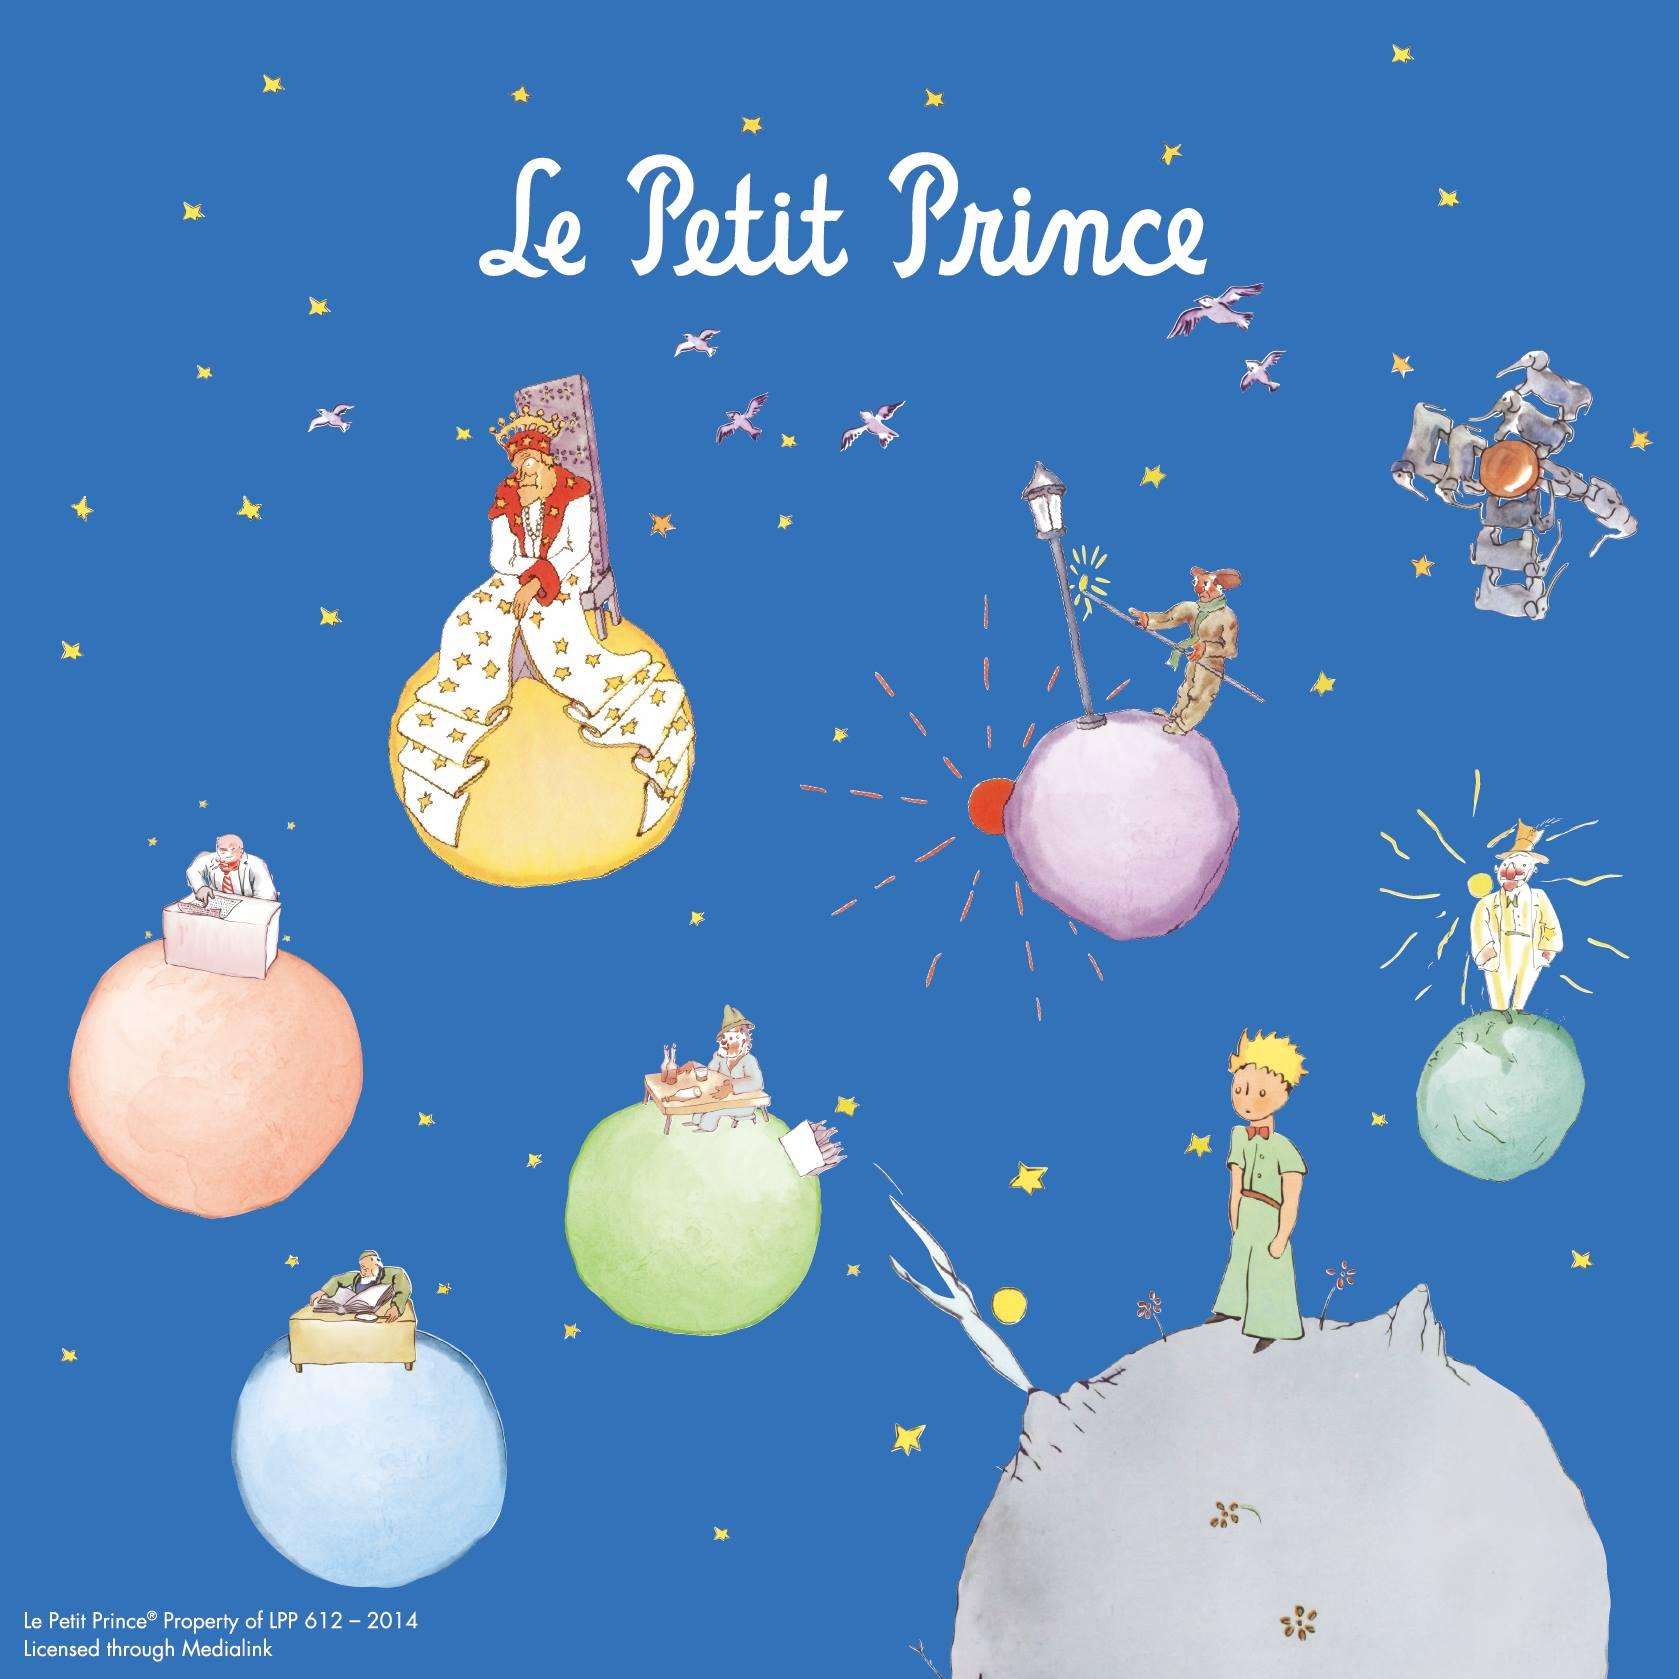 Le Petit Prince 小王子特展 2014.12.20-2015.3.15 @ 丹妮絲的出走日記 :: 痞客邦